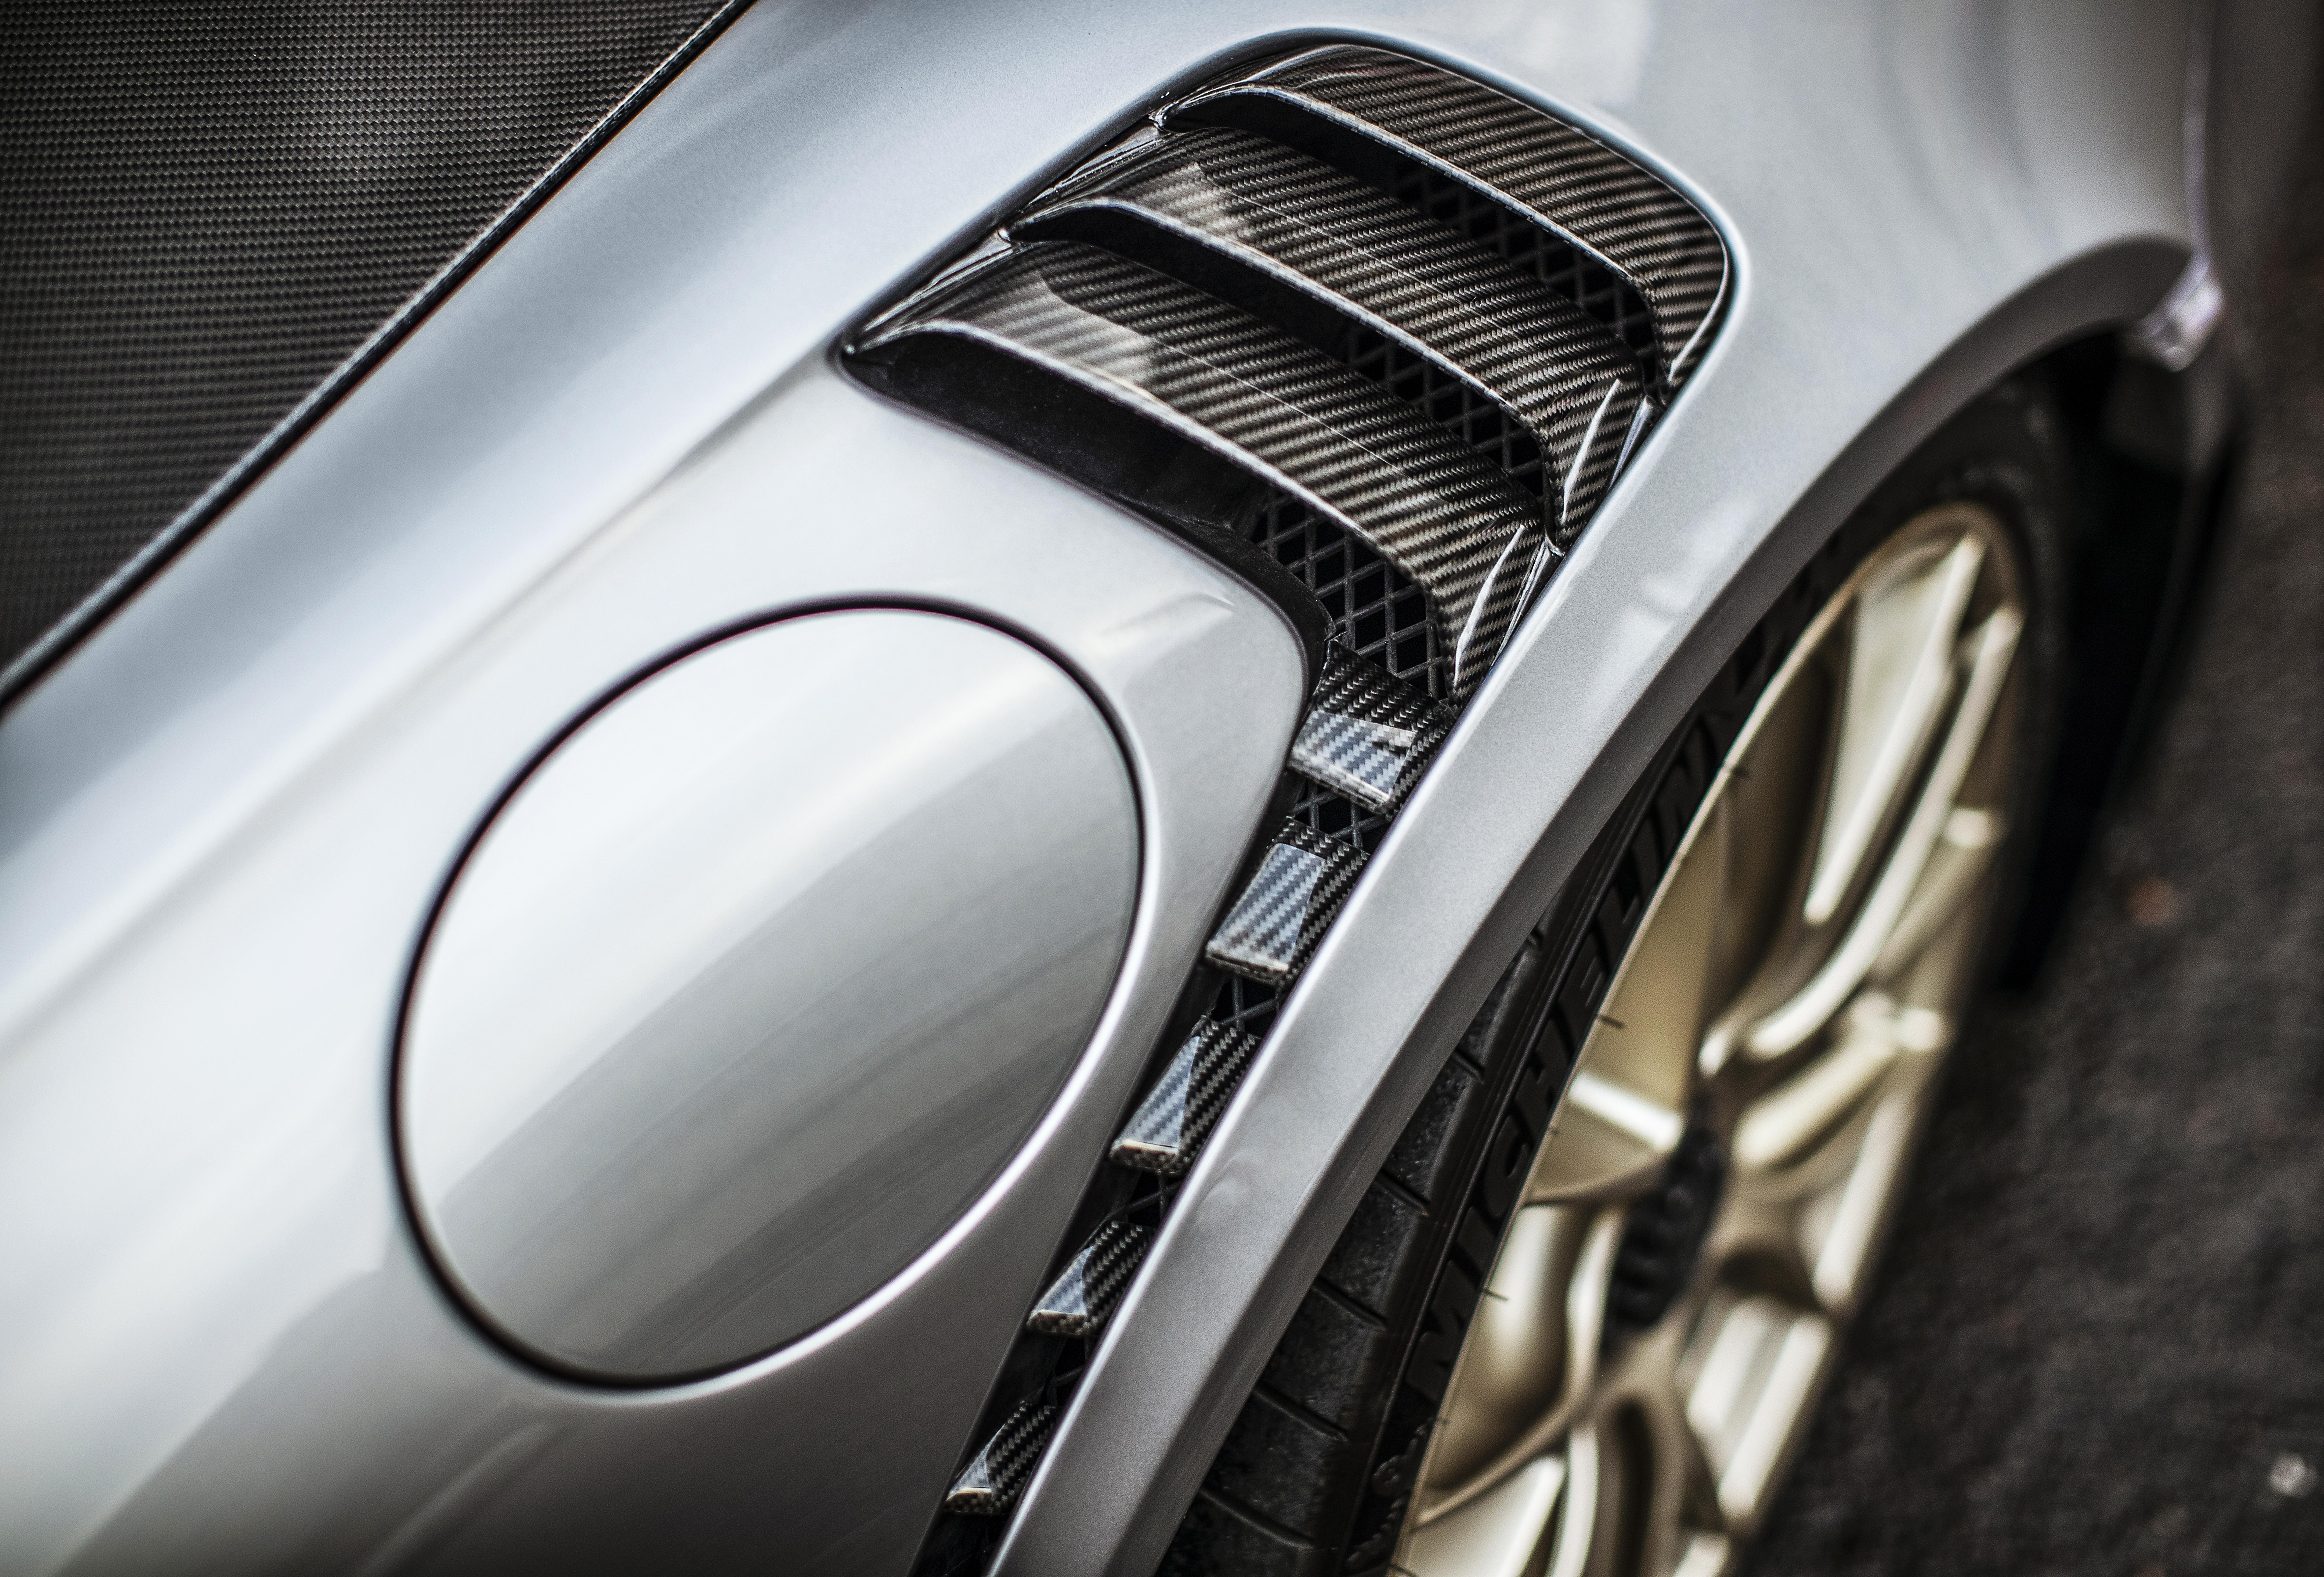 Nieuwe Auto Max Verstappen Porsche 911 Gt2 Rs Topgear